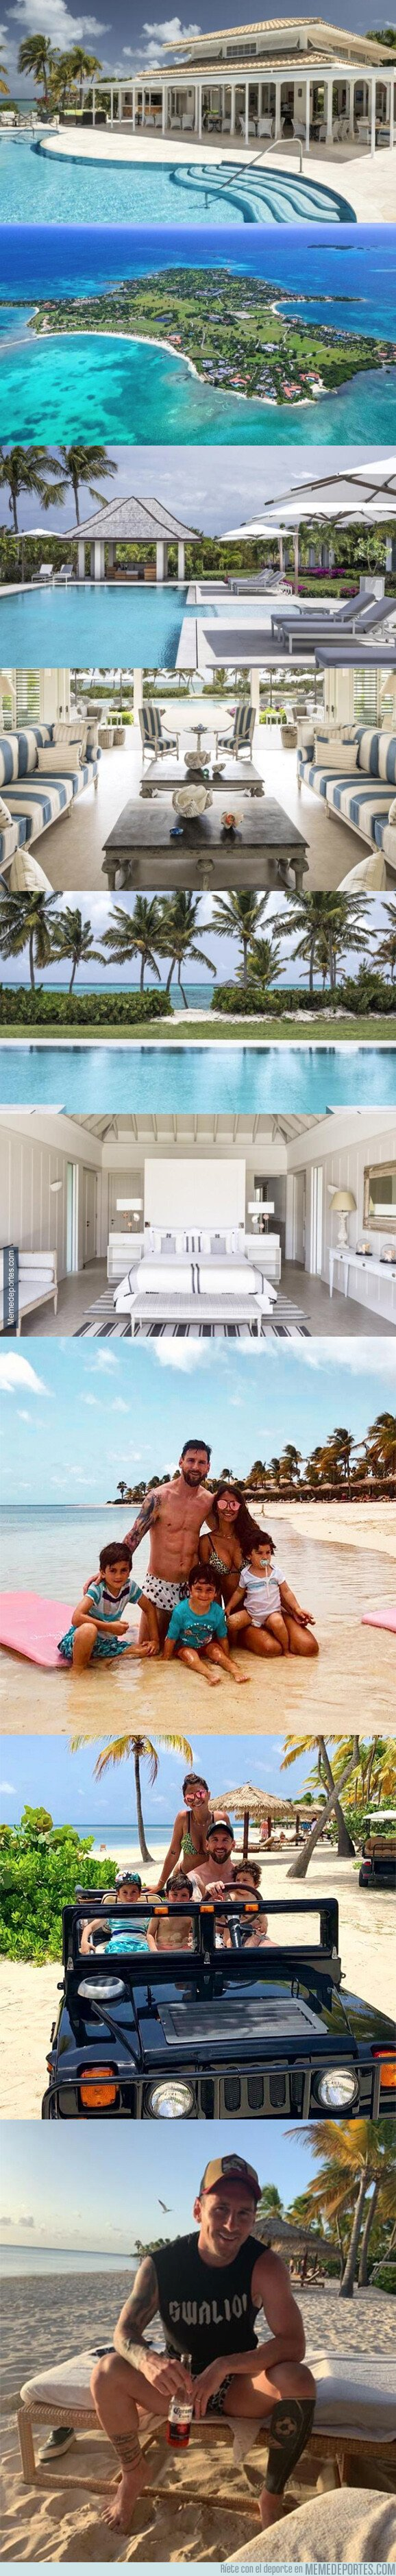 1081401 - Este es el alucinante hotel donde Messi y su familia se han ido durante vacaciones